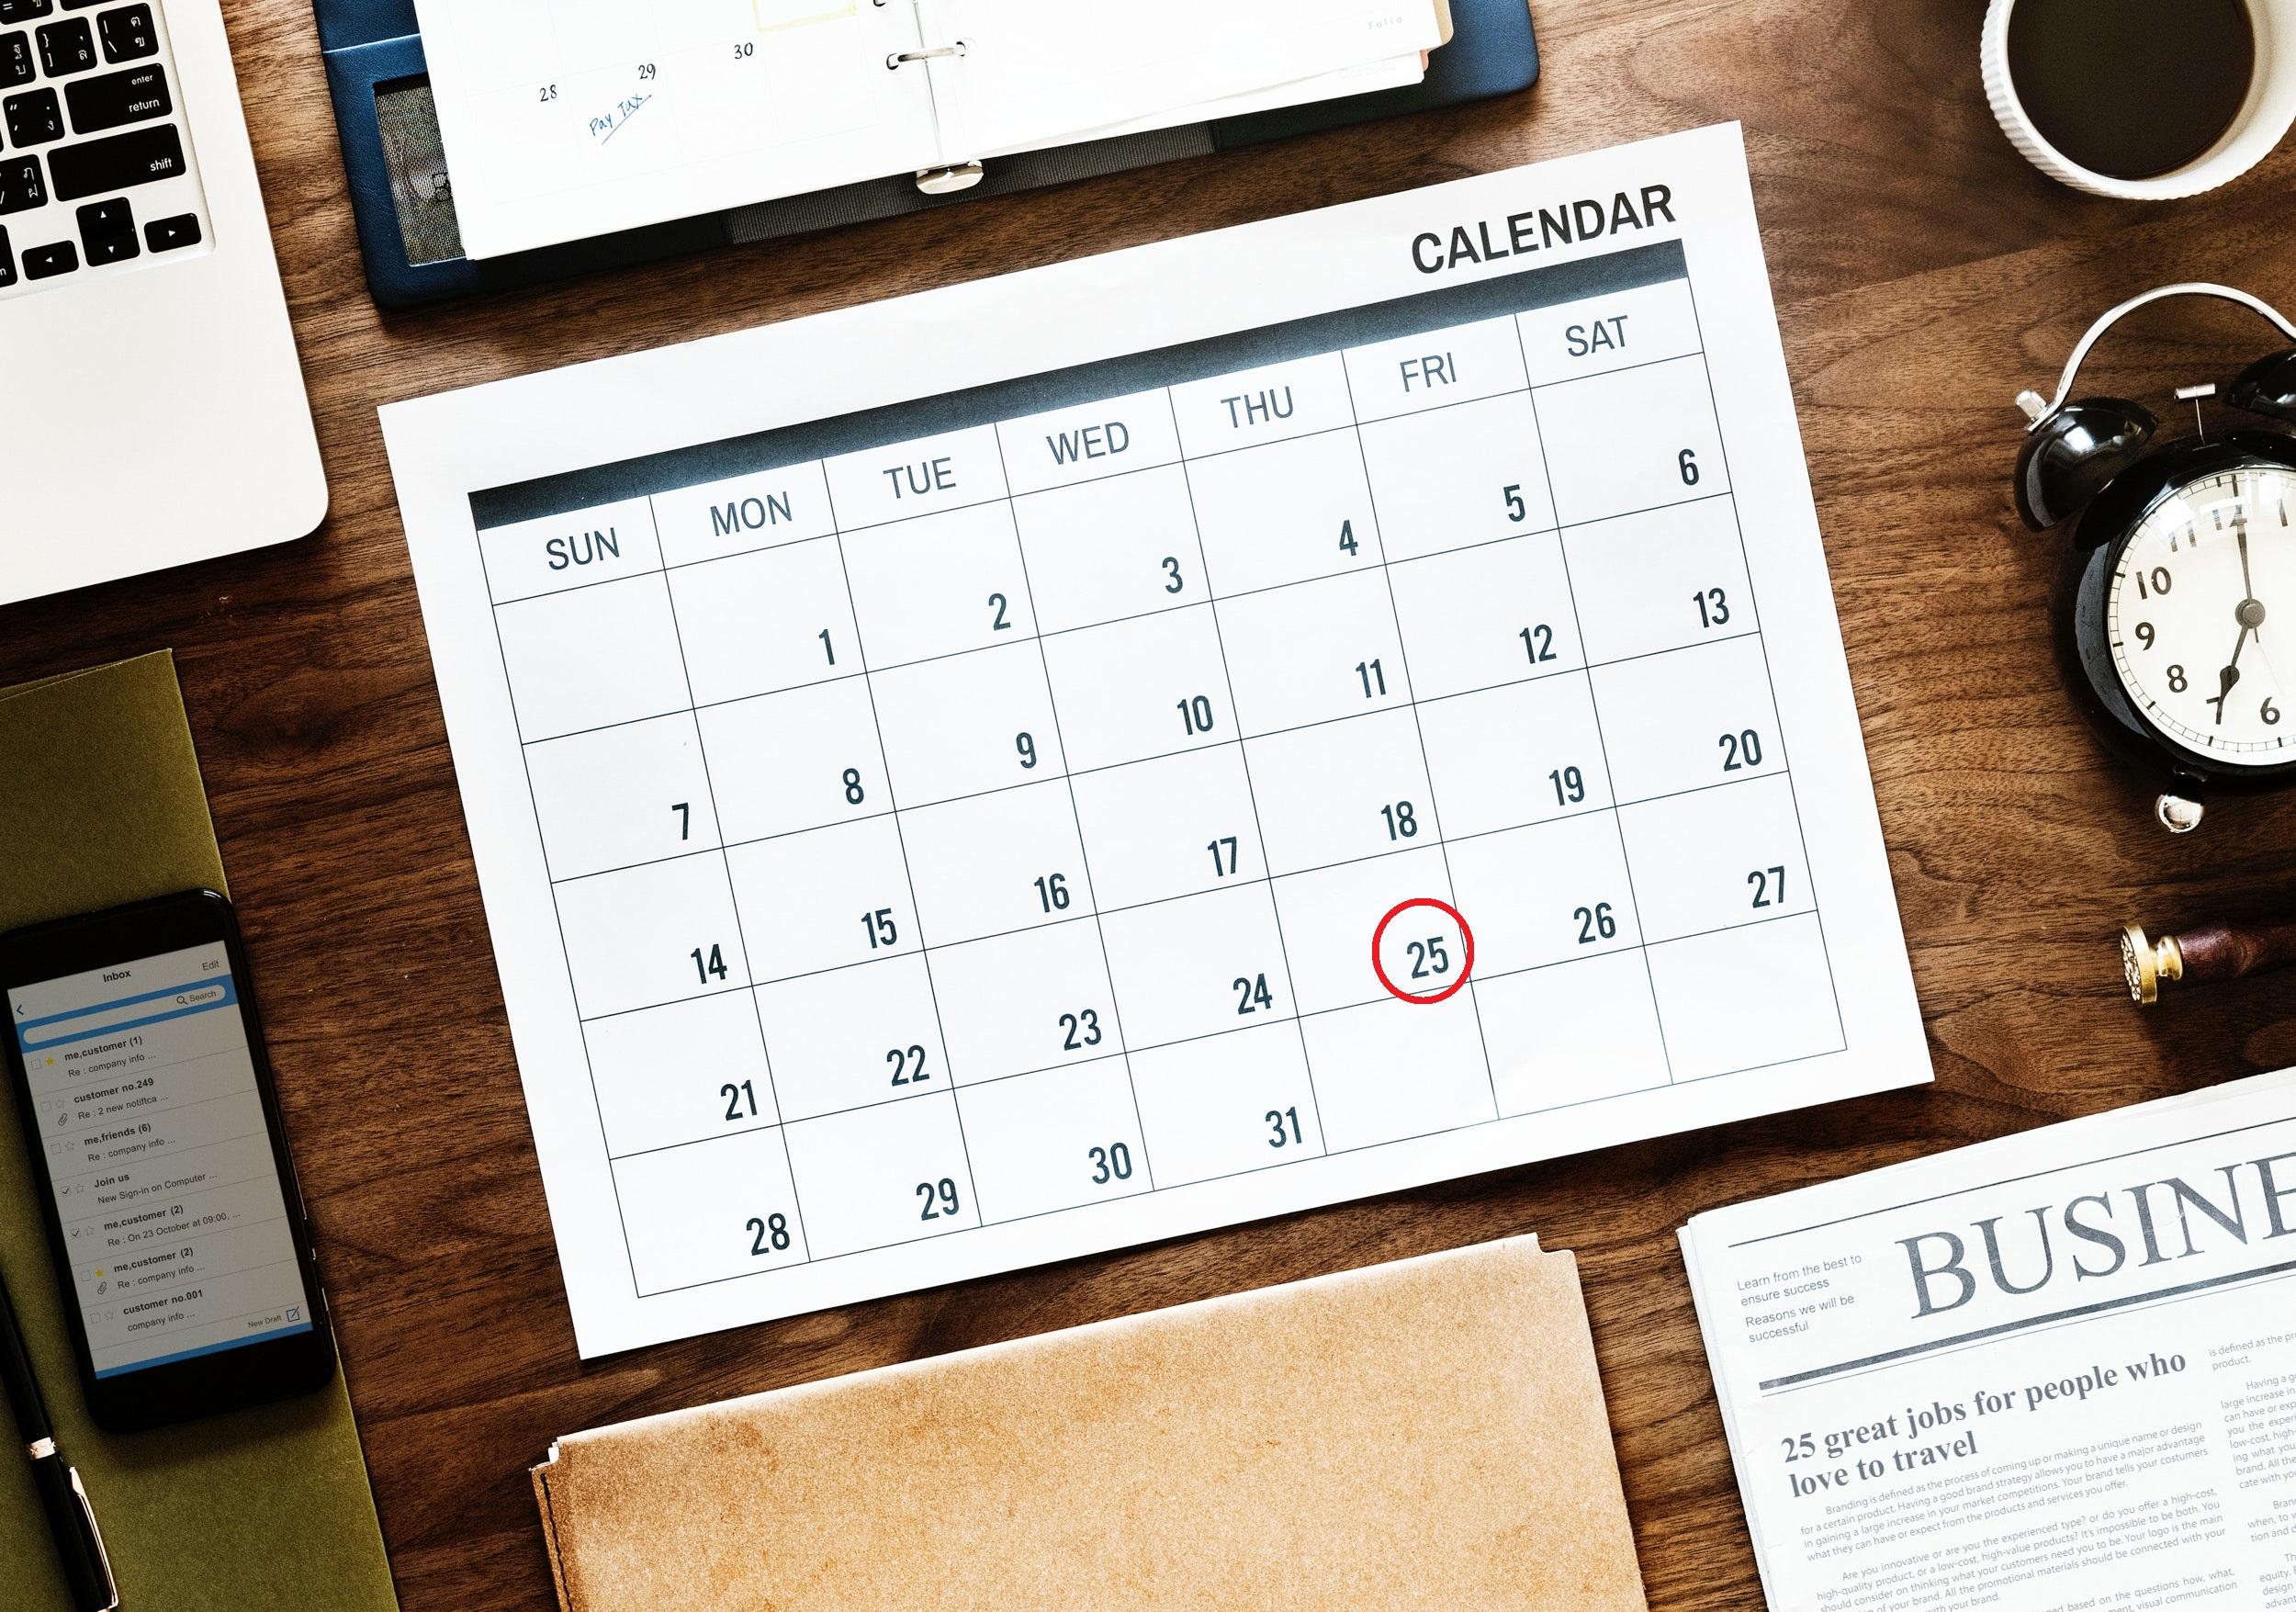 Dia da Contabilidade – Conheça curiosidades do dia